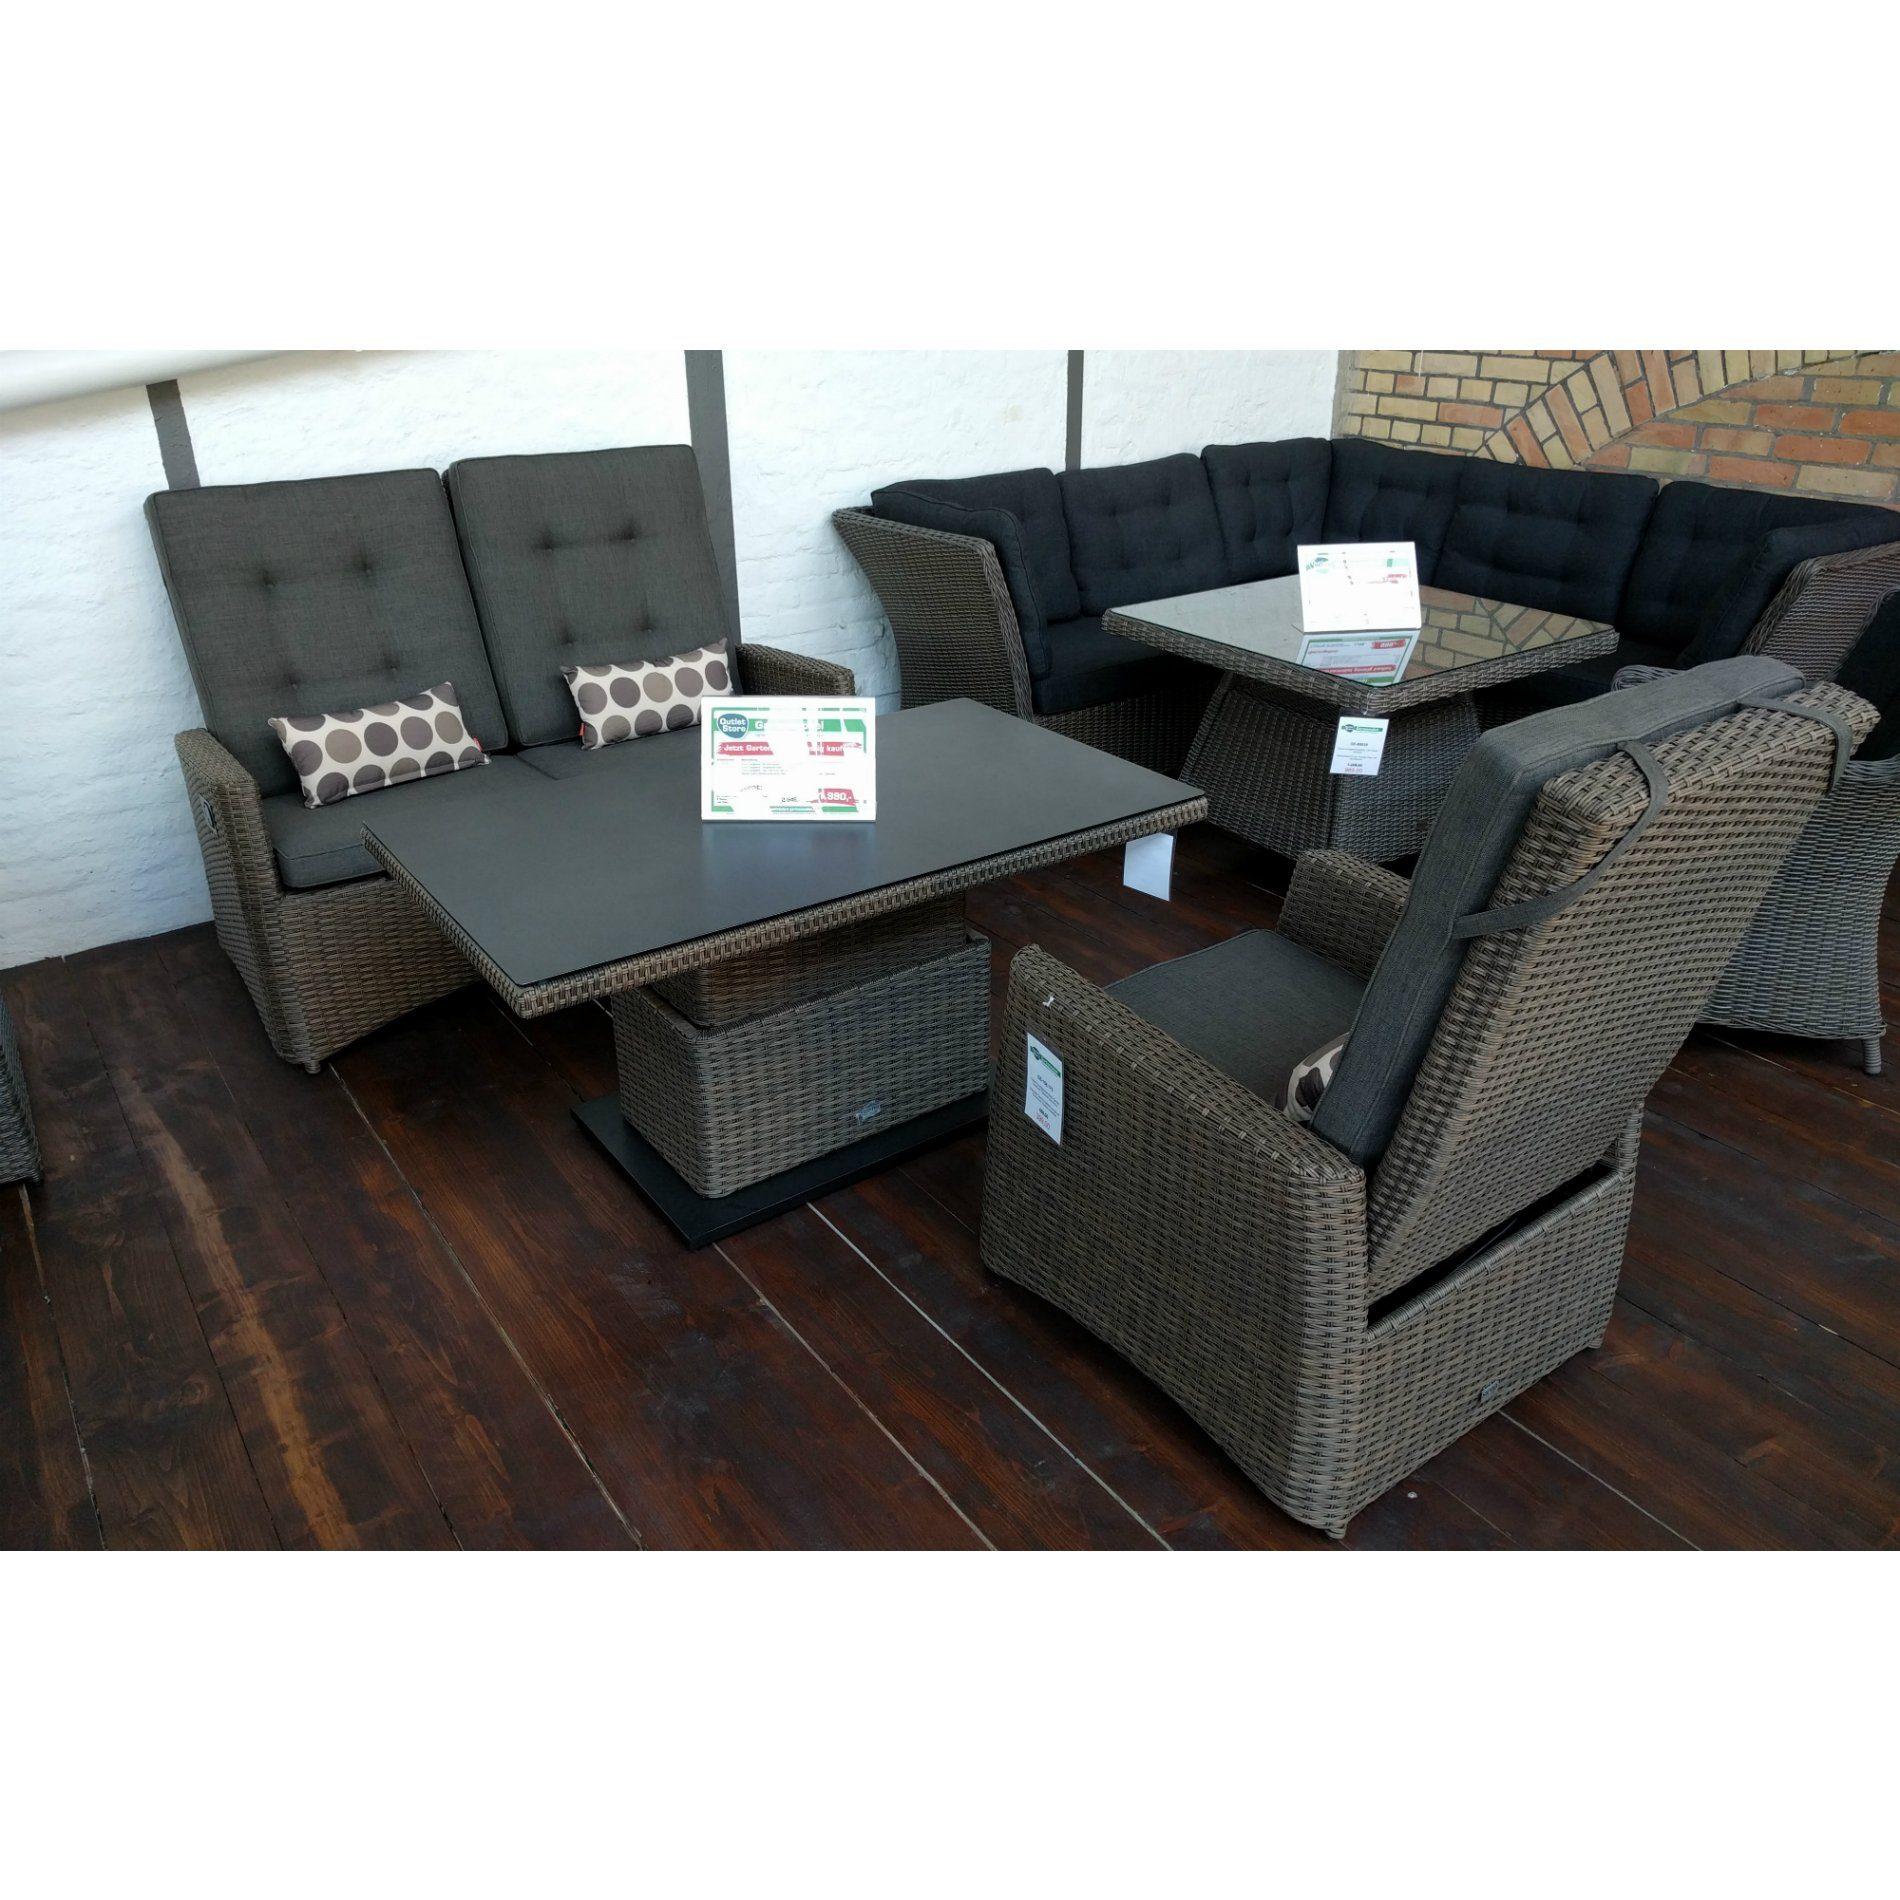 sch n siena garden gartenm bel galerie die besten. Black Bedroom Furniture Sets. Home Design Ideas